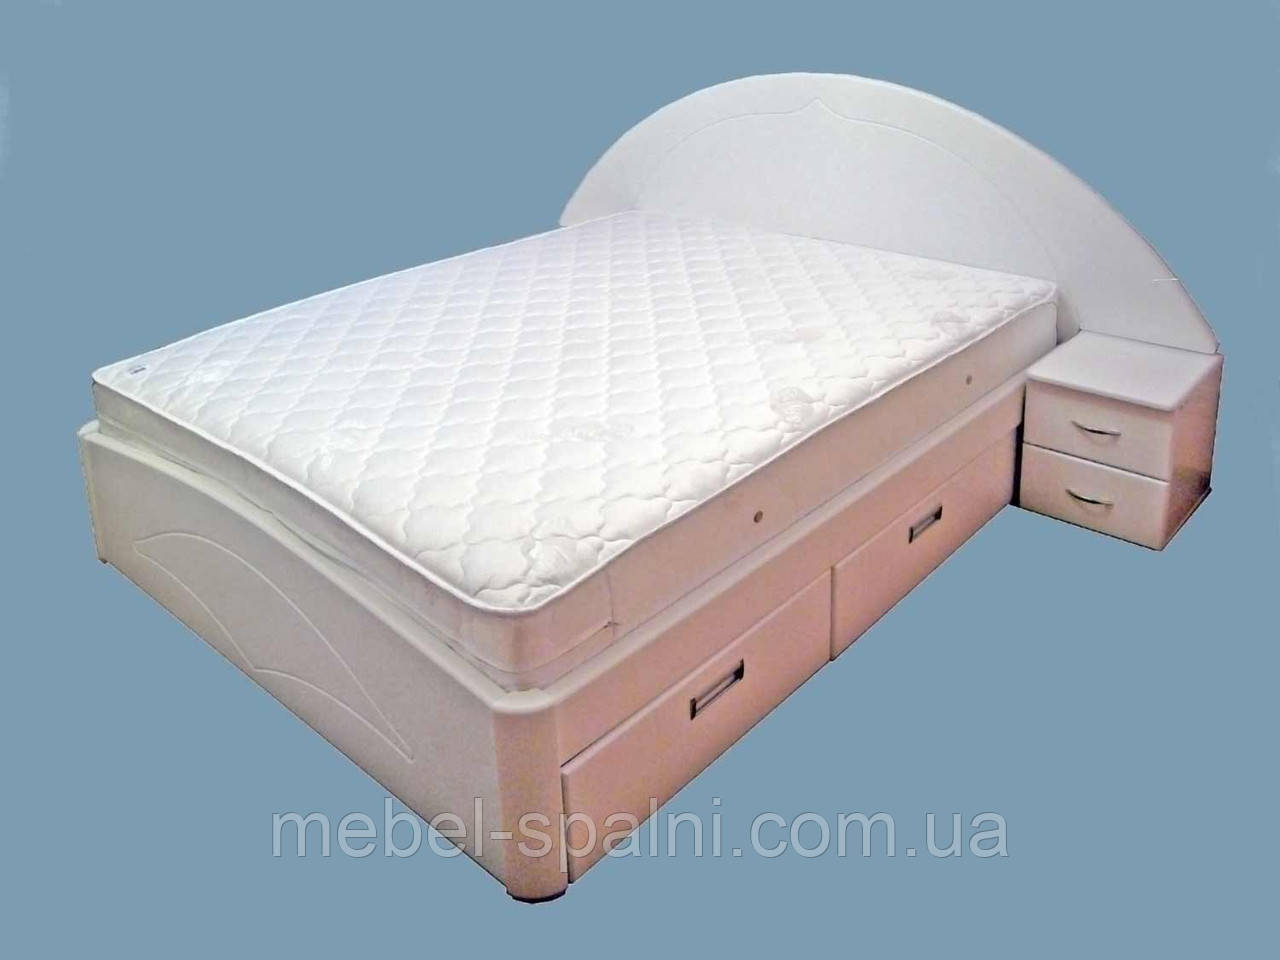 """Кровать 2 спальная. Кровать двуспальная деревянная с ящиками """"Людмила"""" kr.lm6.3"""